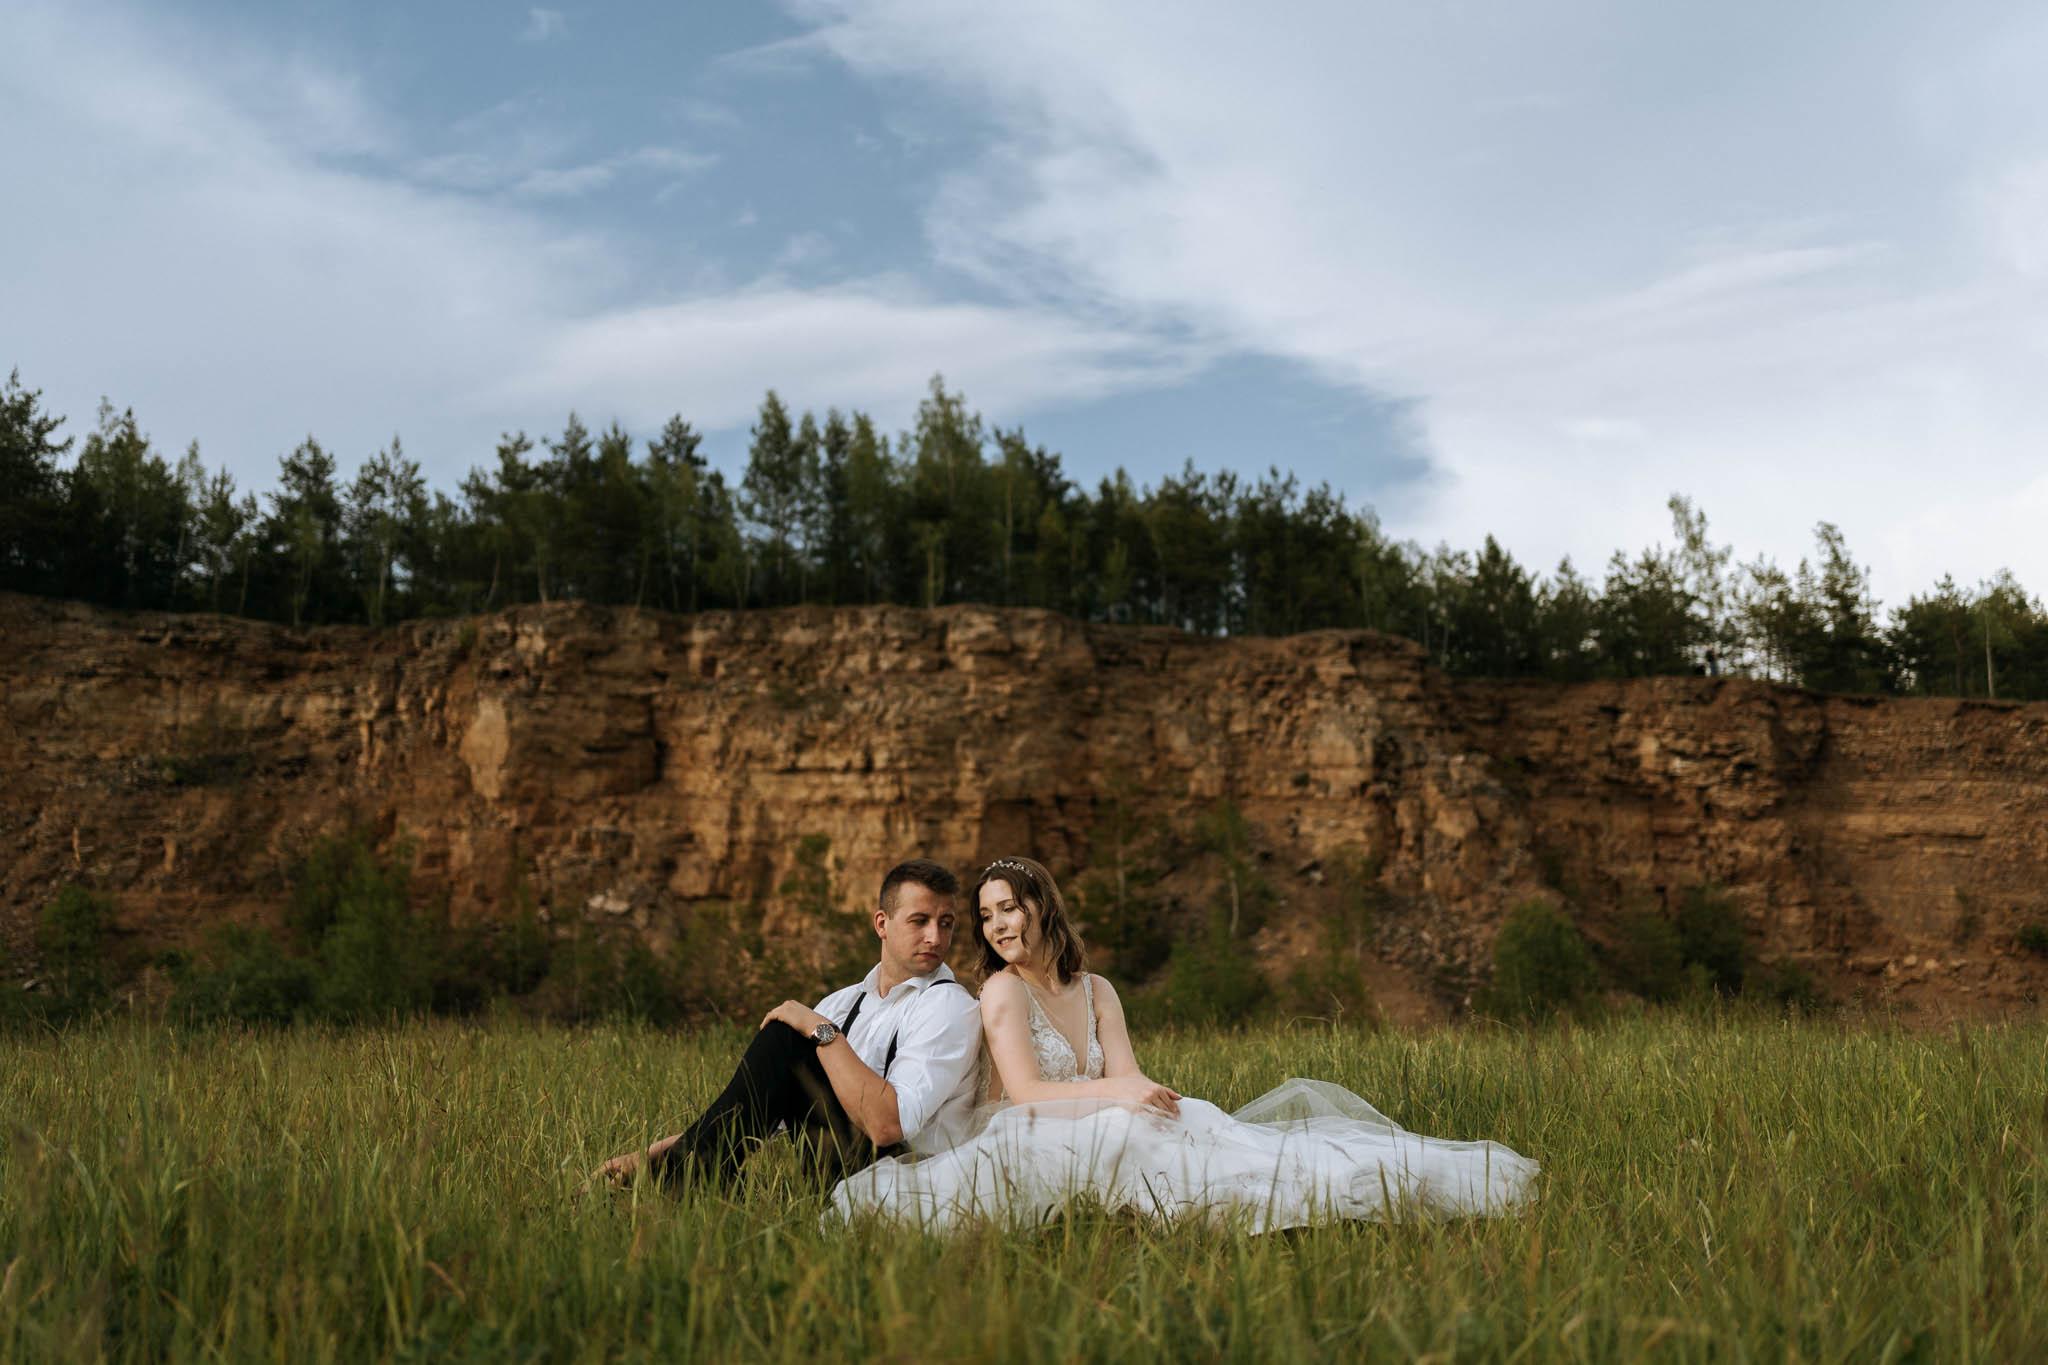 Sesja zdjęciowa w Parku Gródek | Zdjęcia ślubne w Parku Gródek